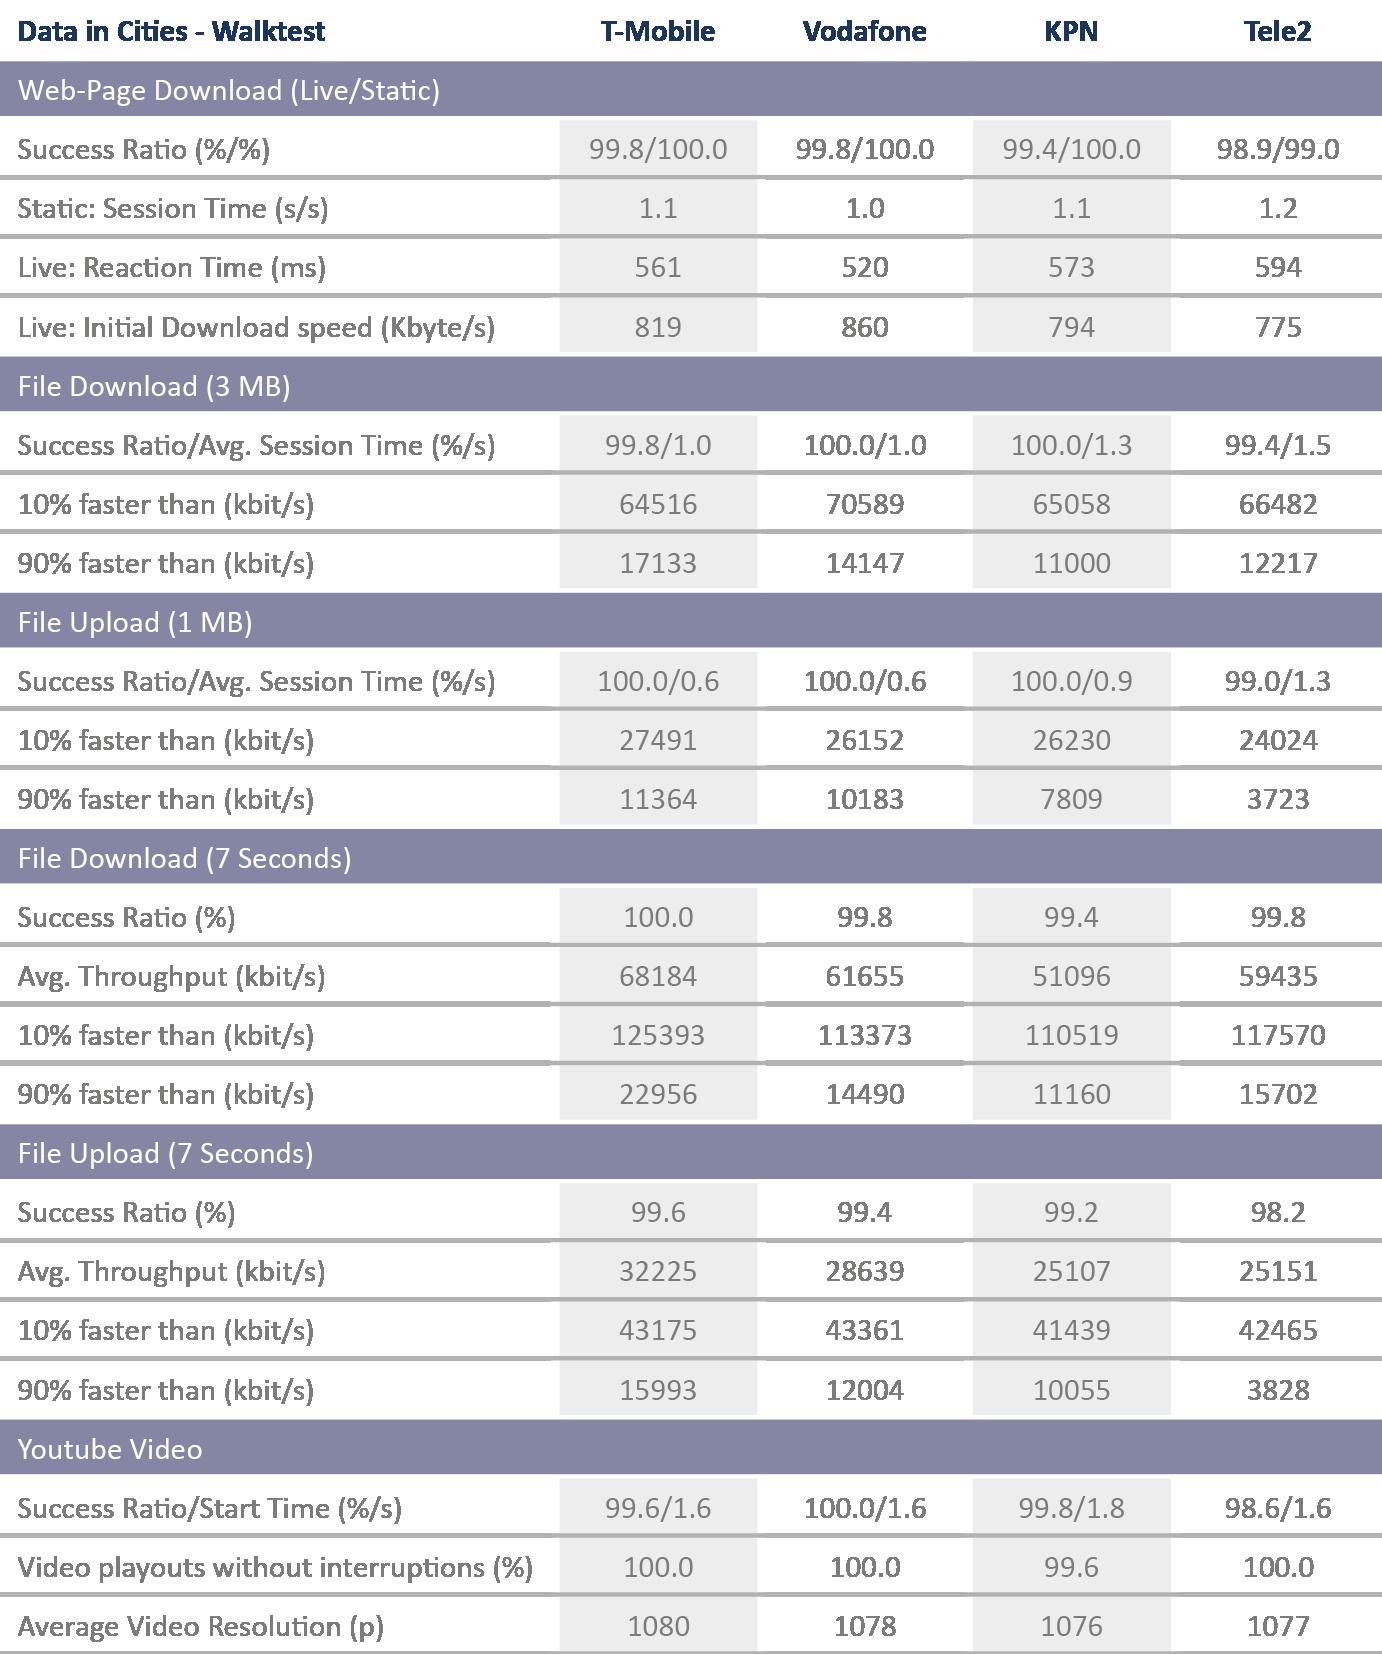 NL_Tabelle_DataCitiesWalktest_2018.png